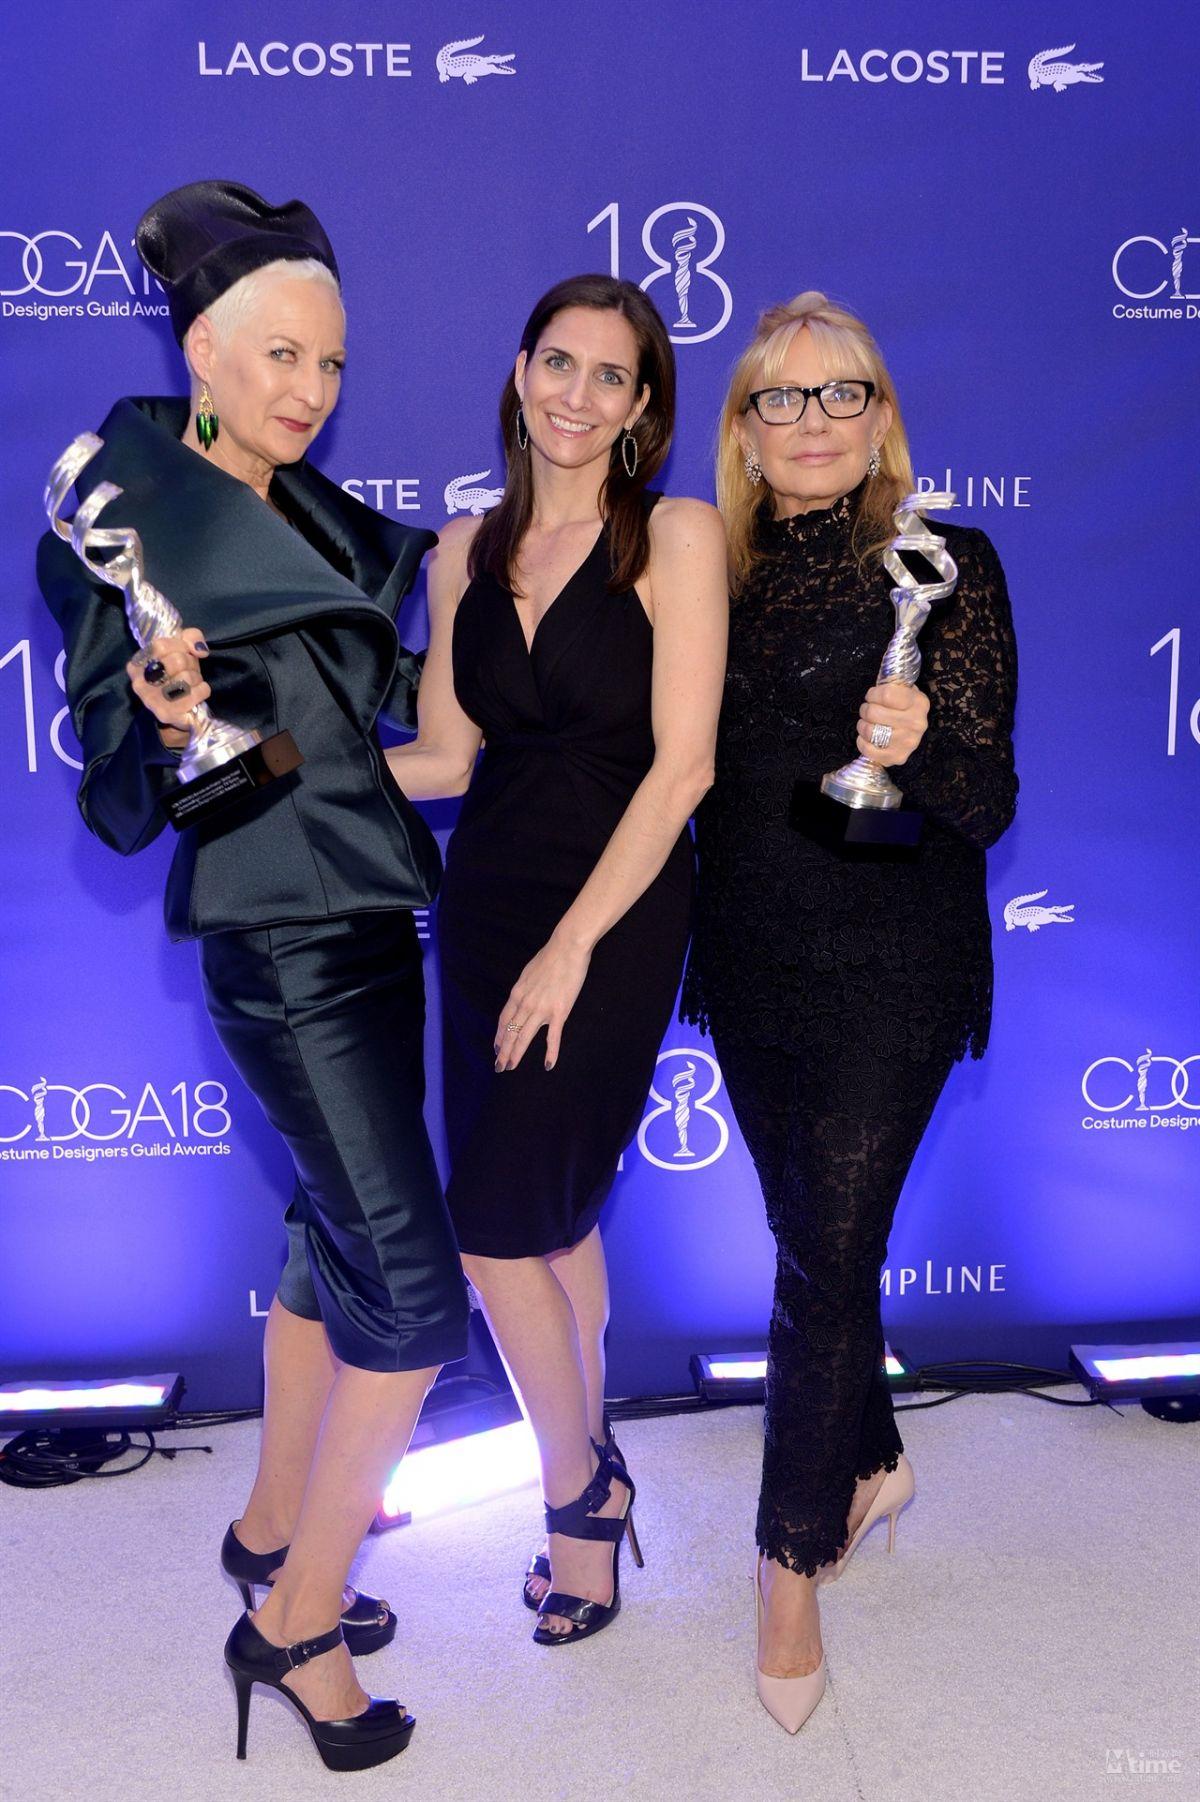 服装设计师工会奖颁出 《疯狂的麦克斯》获大奖(11)